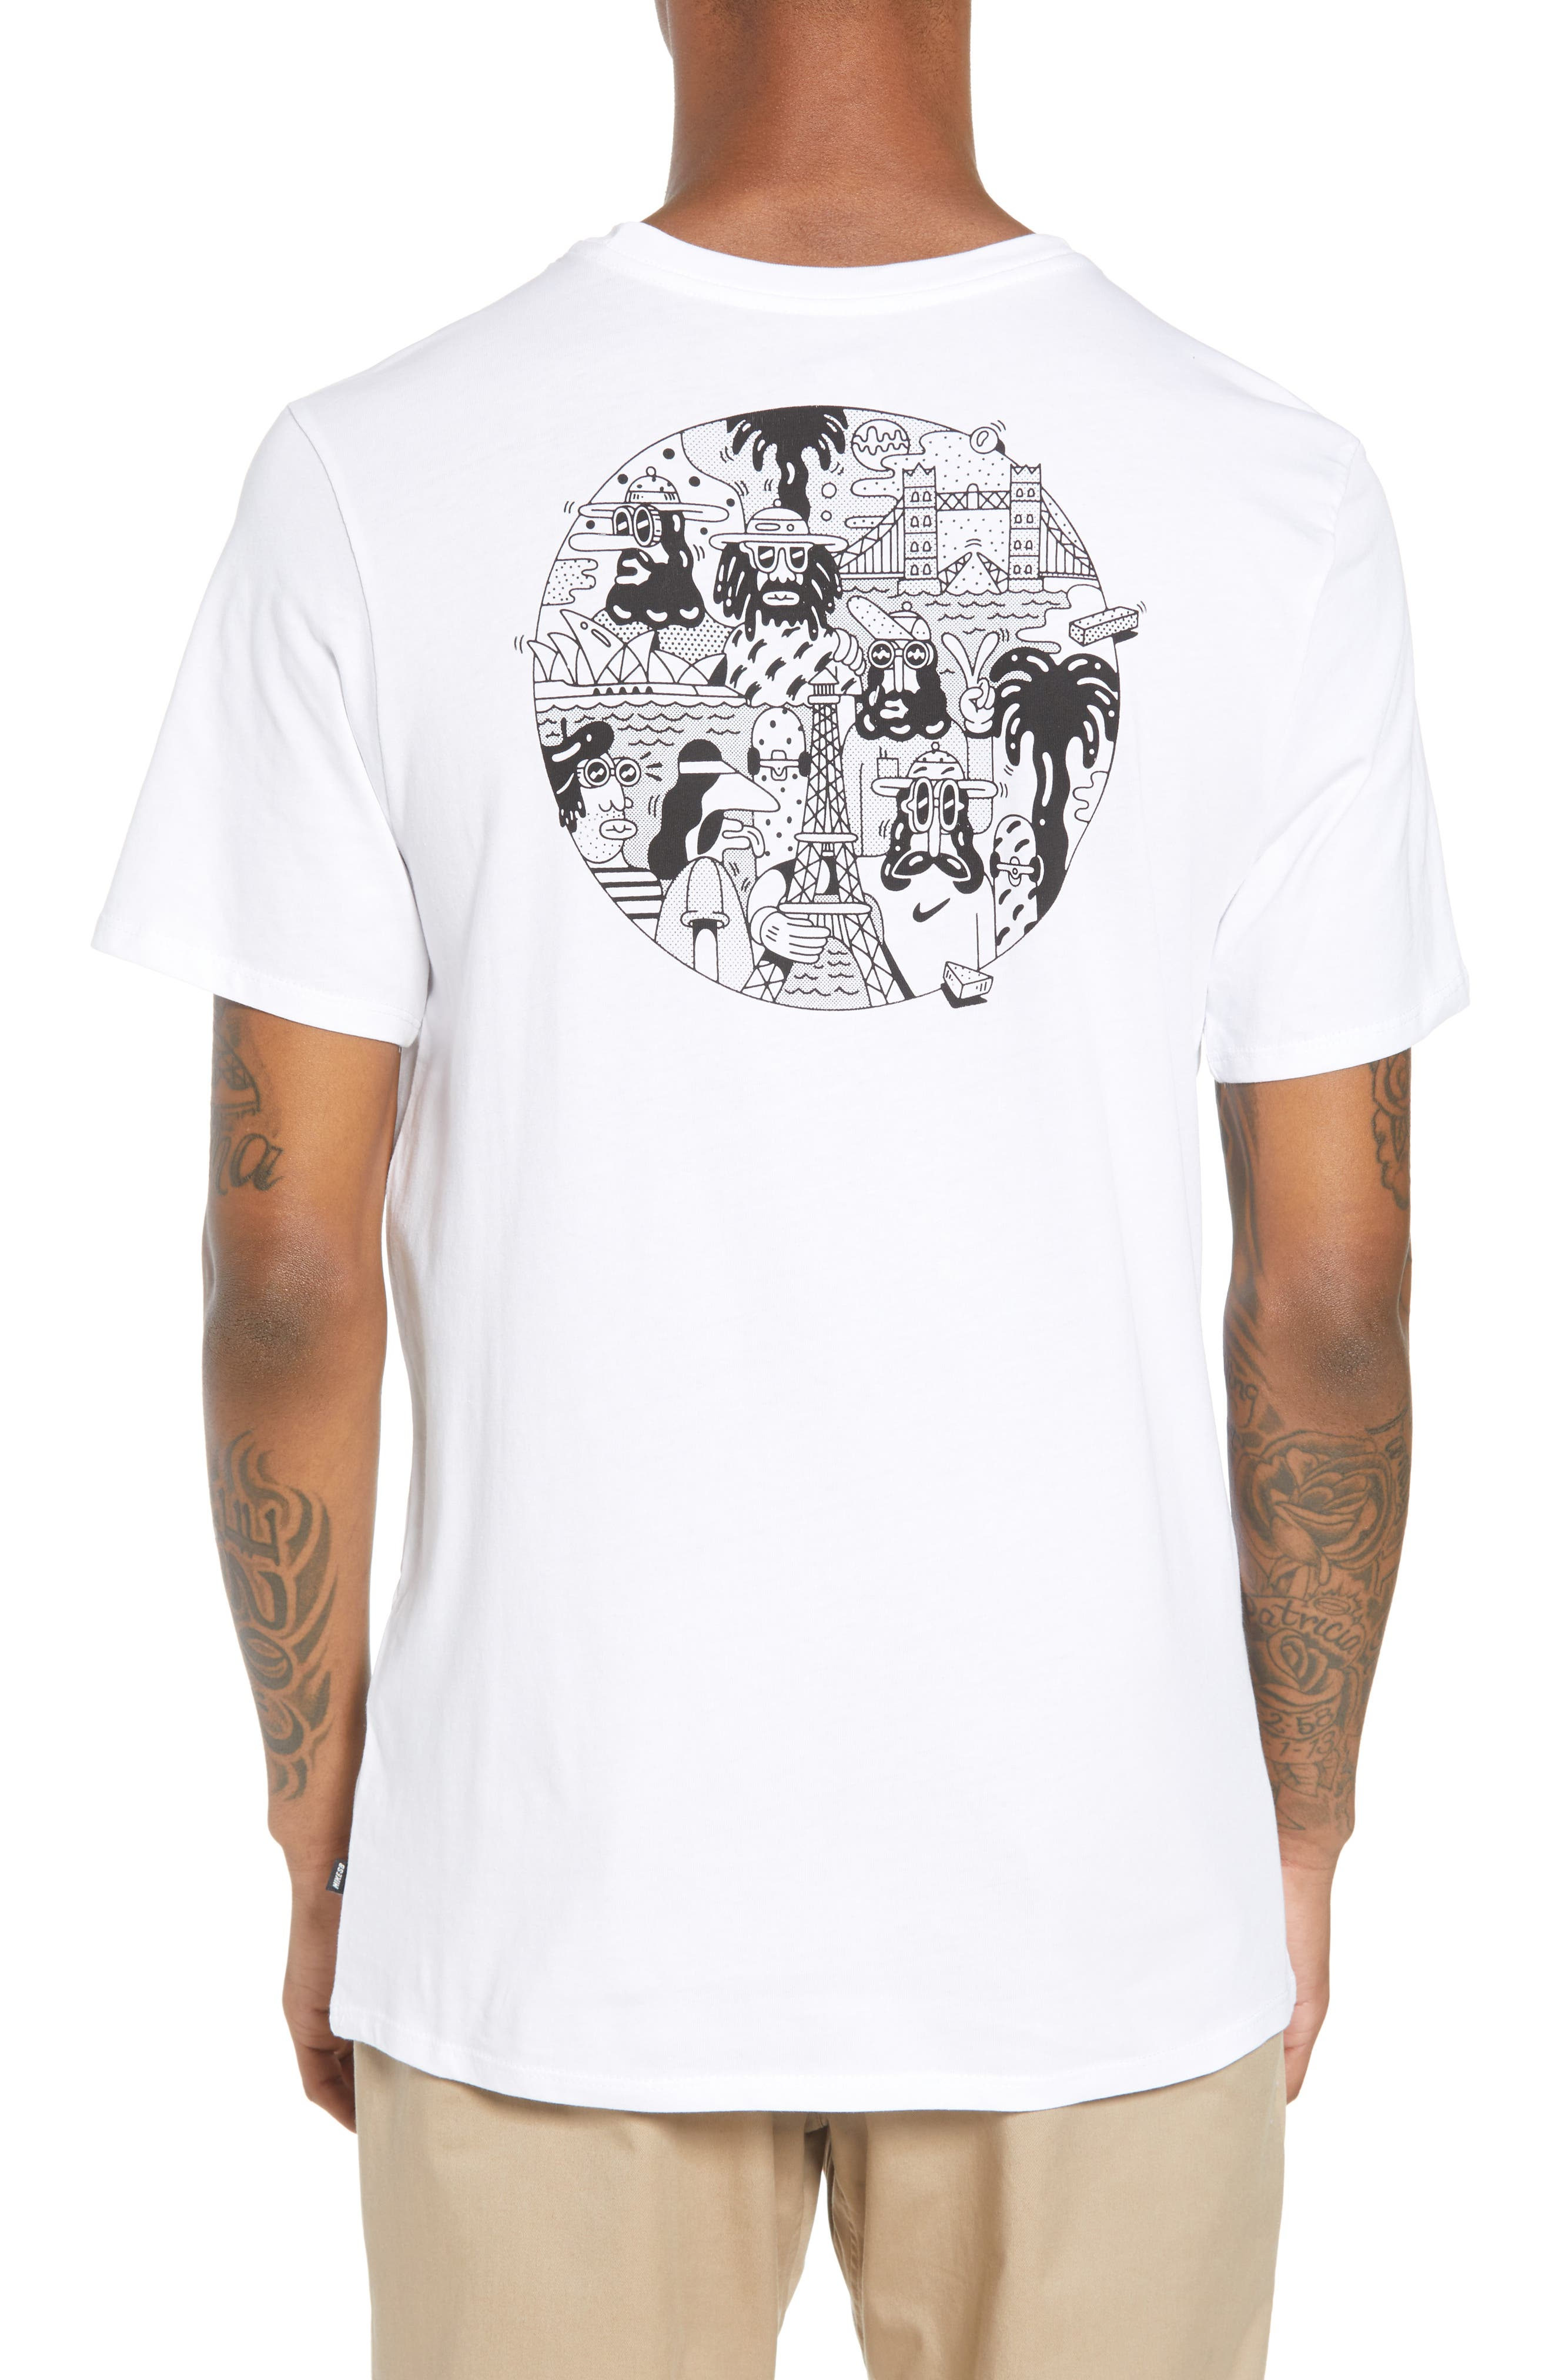 SB Monuments T-Shirt,                             Alternate thumbnail 2, color,                             White/ Black